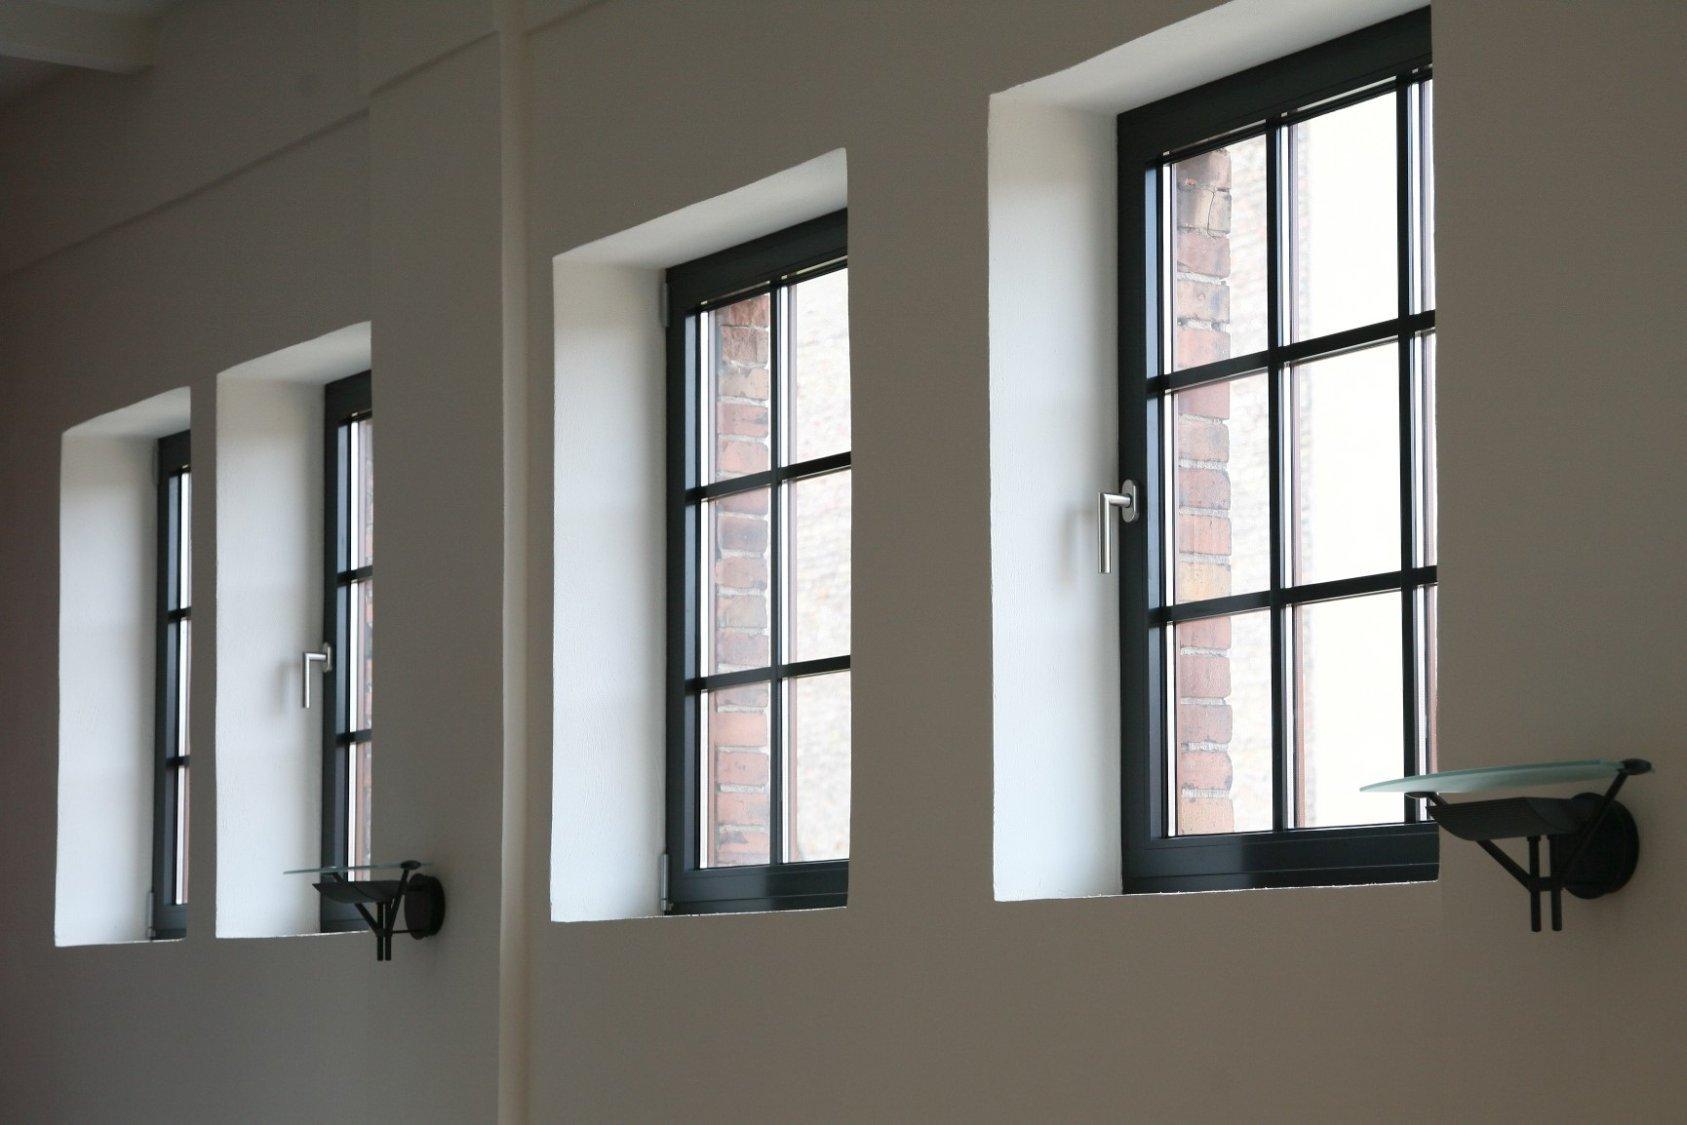 Full Size of Alu Fenster Osnabrck Kunststoff Aluminium Haustren Einbauen Sichtschutz Rolladen Mit Eingebauten Jalousien Lüftung Sonnenschutzfolie Drutex Test Fenster Alu Fenster